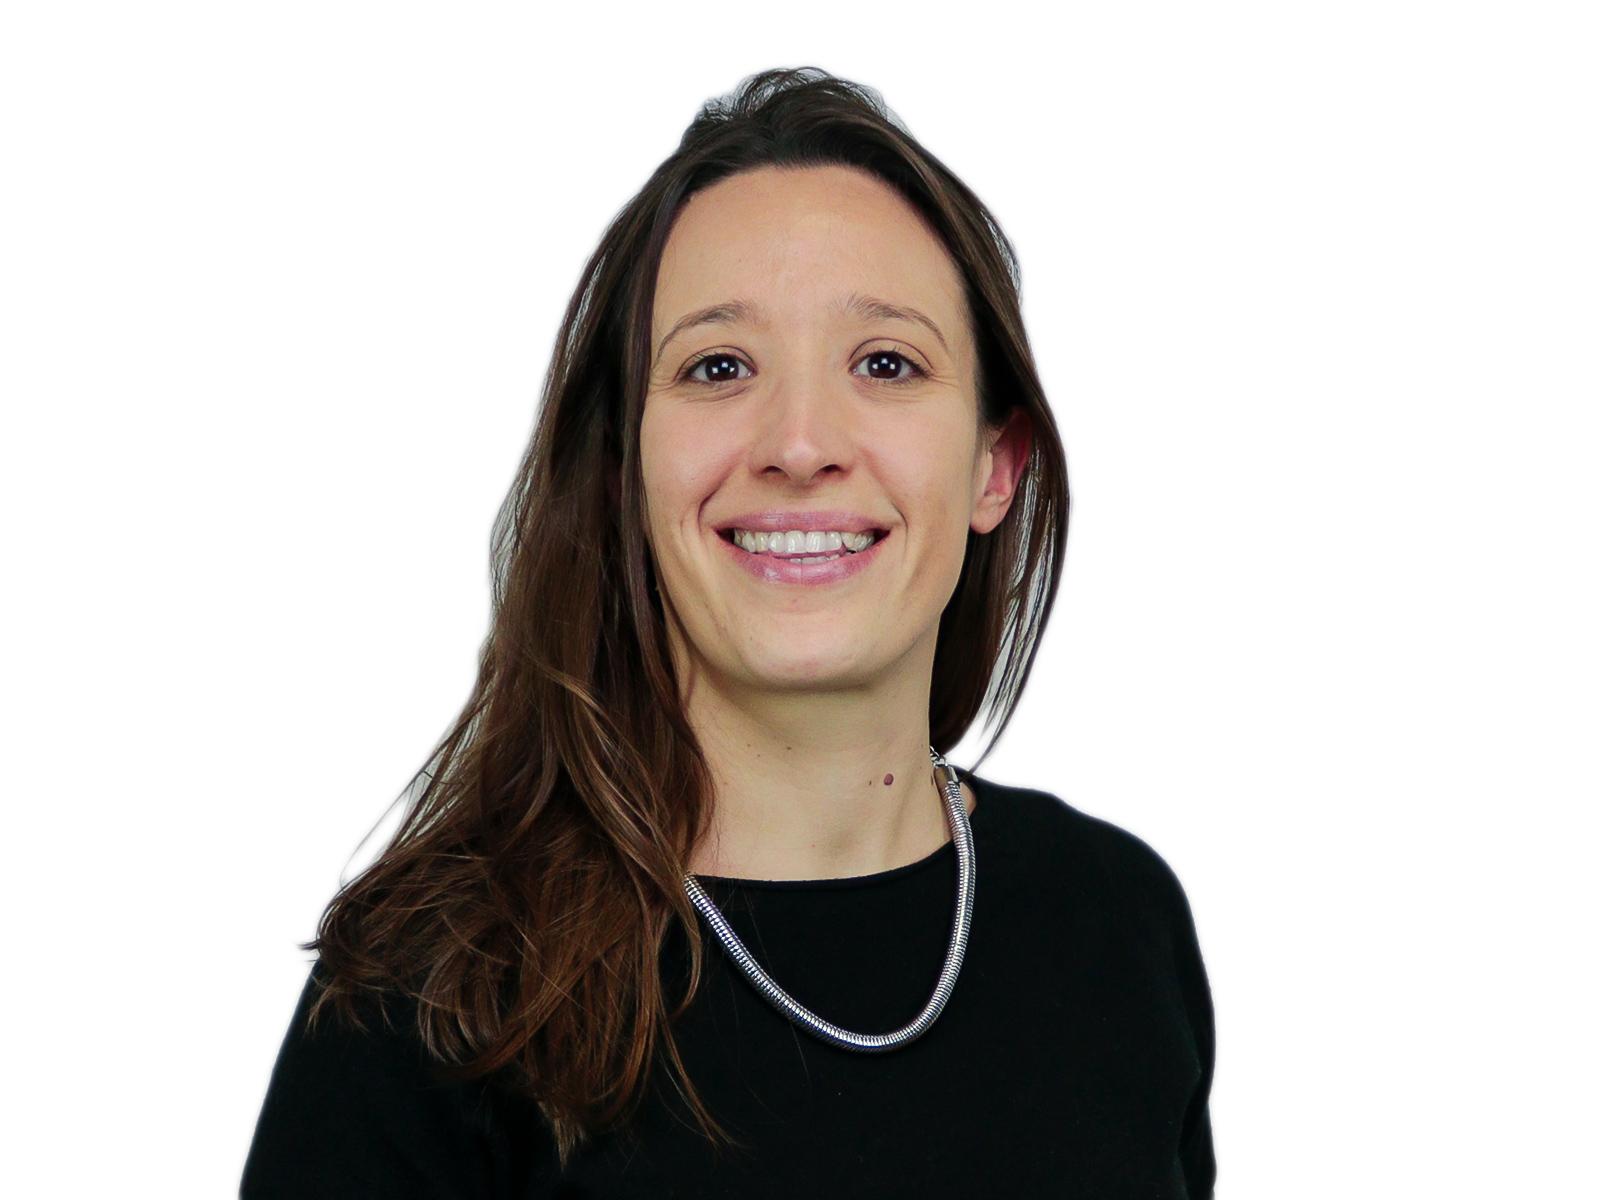 Cristina Scapolo